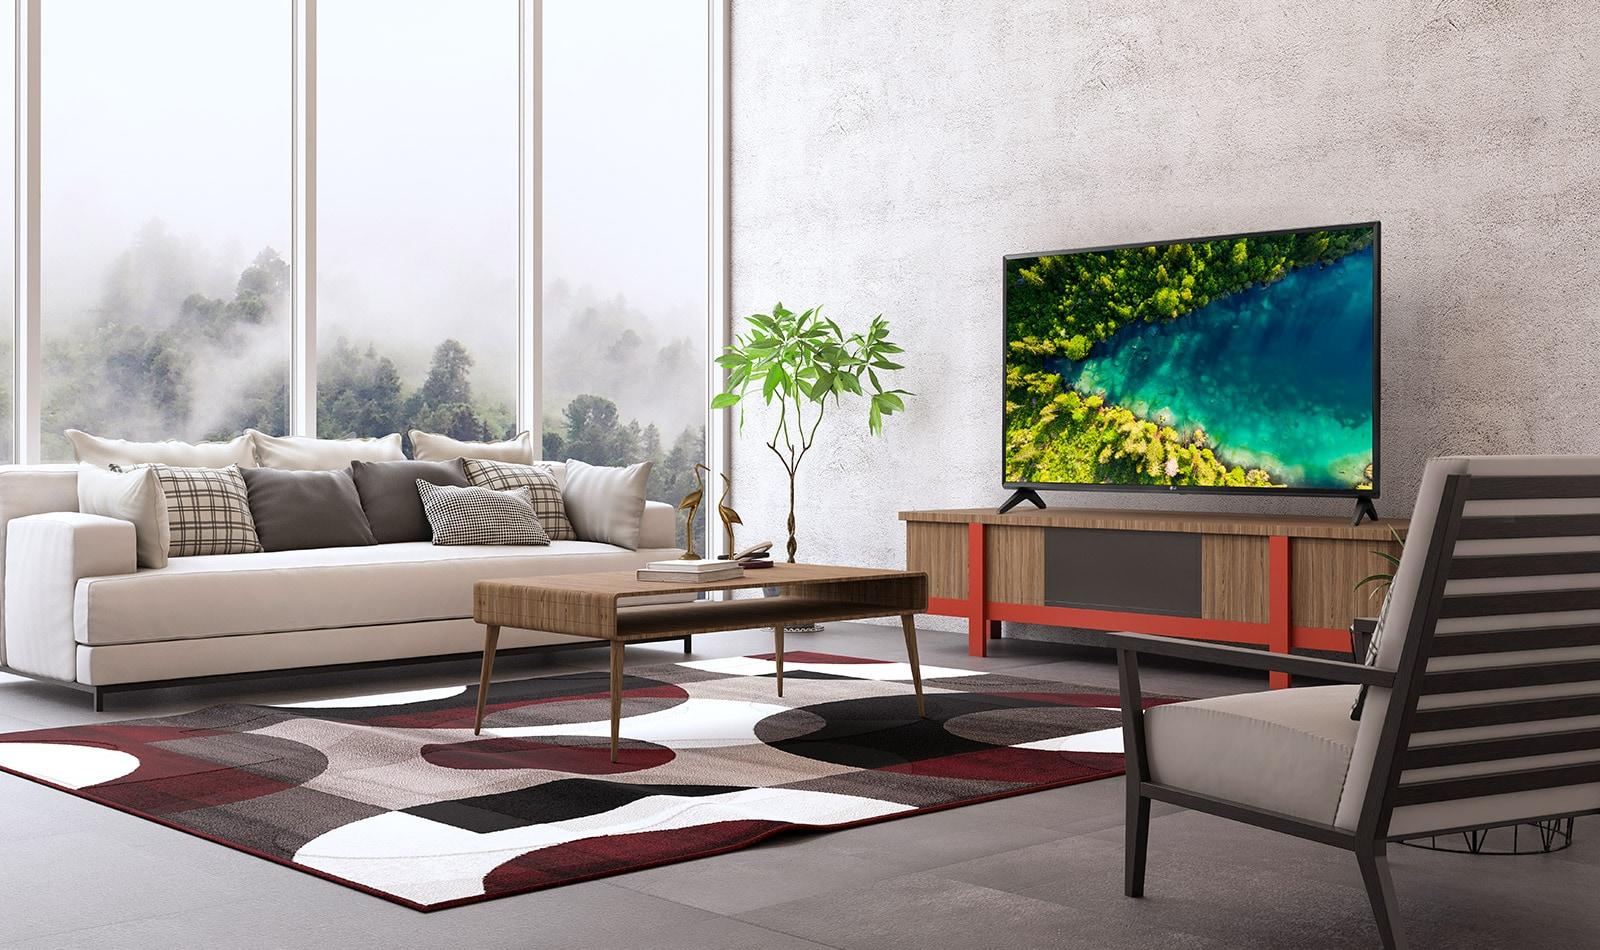 Телевизор, на экране которого показан вид сверху на густой лес, в котором стоит современный и простой дом.